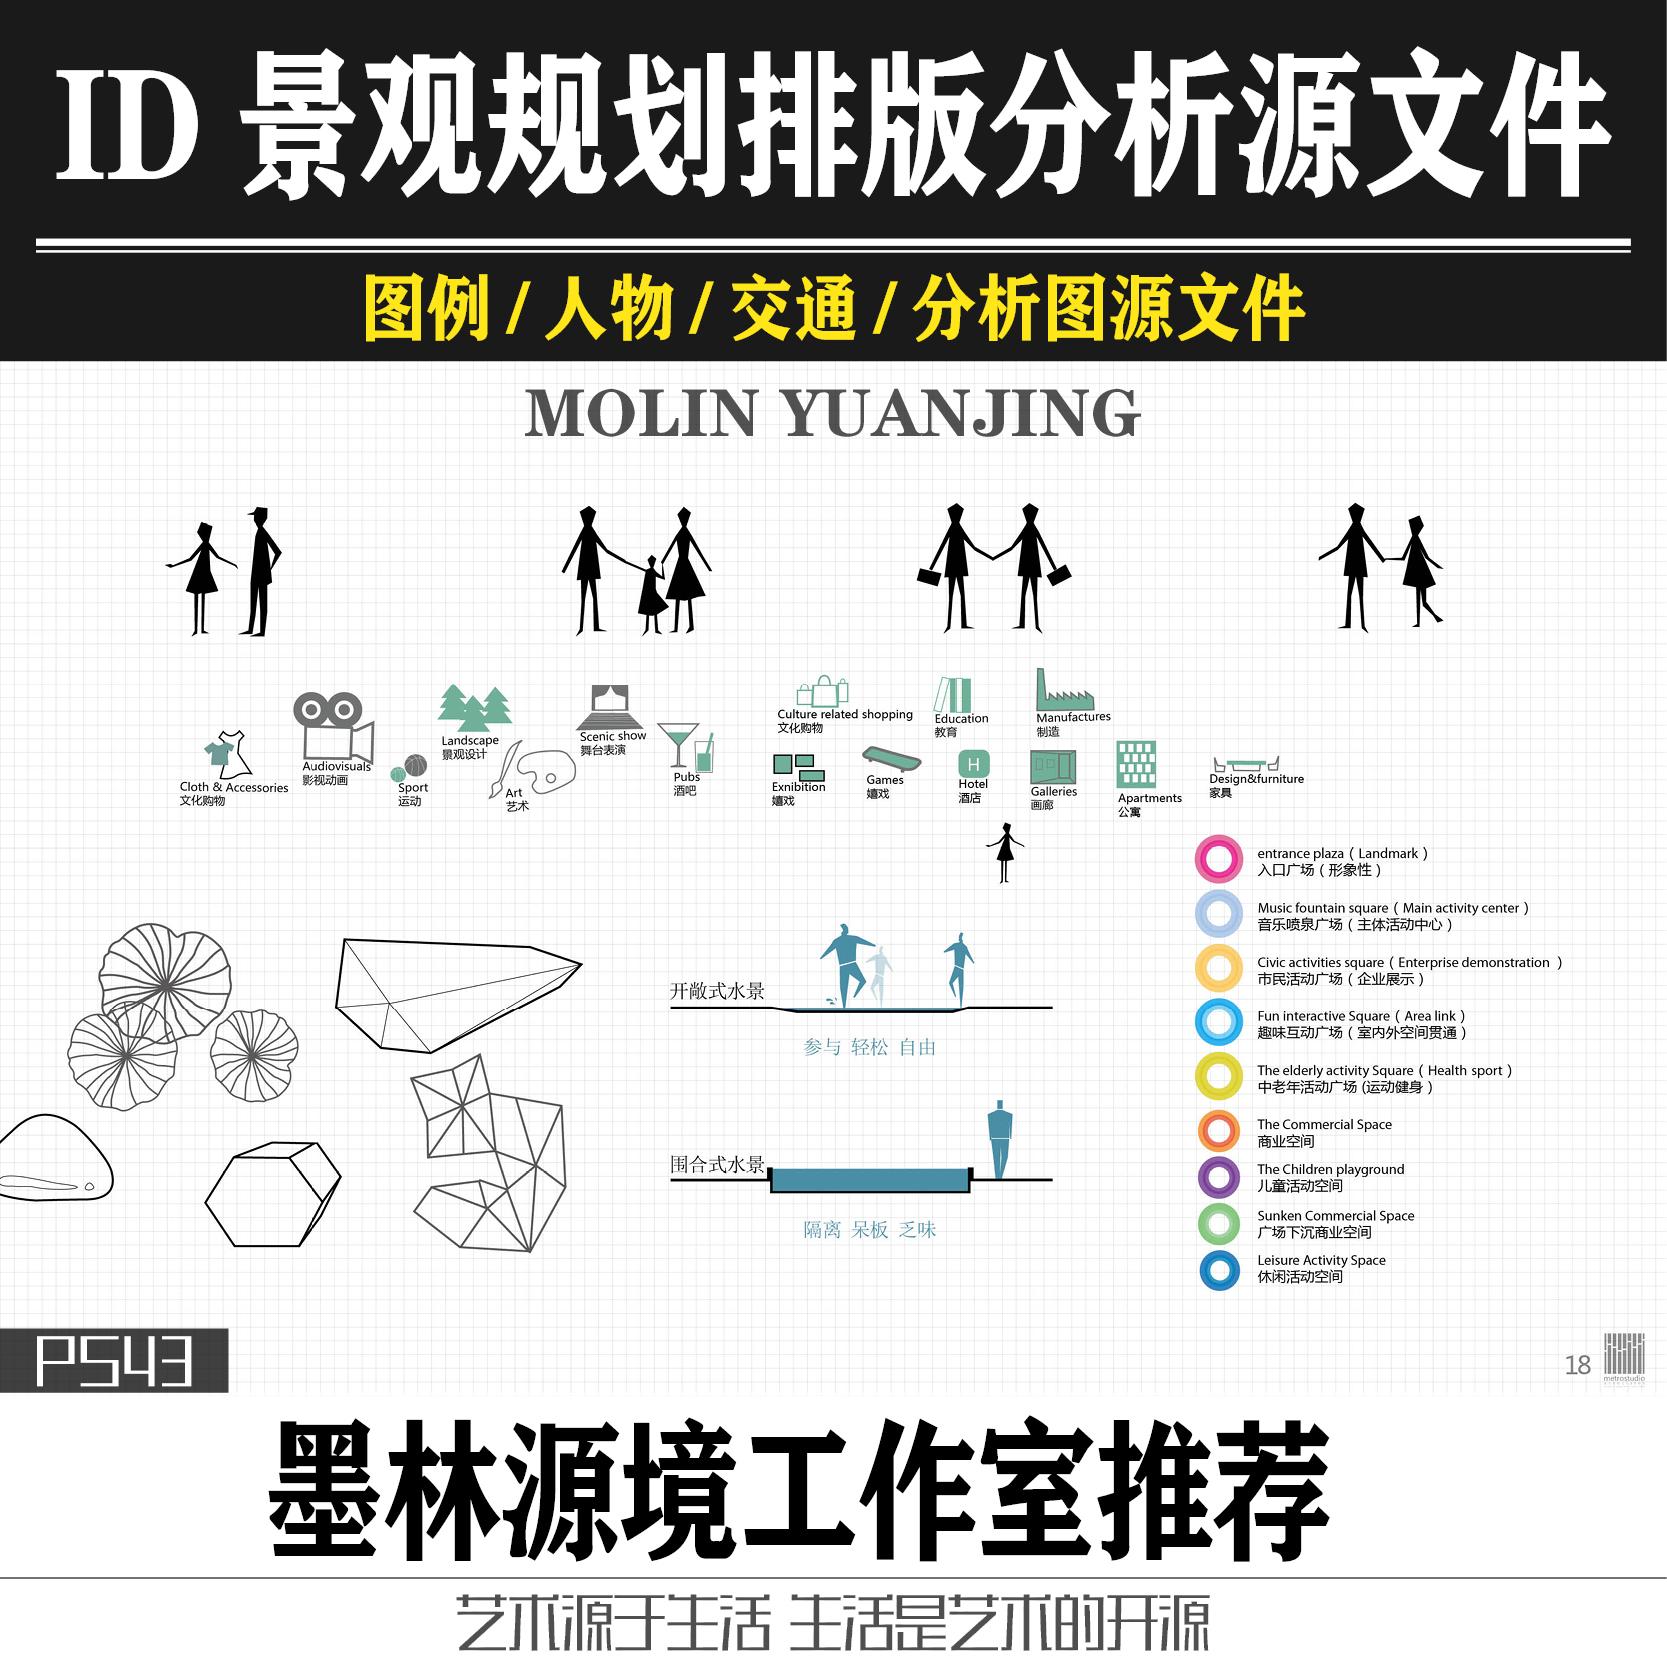 景观规划文本排版分析图ID源文件公共服务设施交通人物PSD分图层